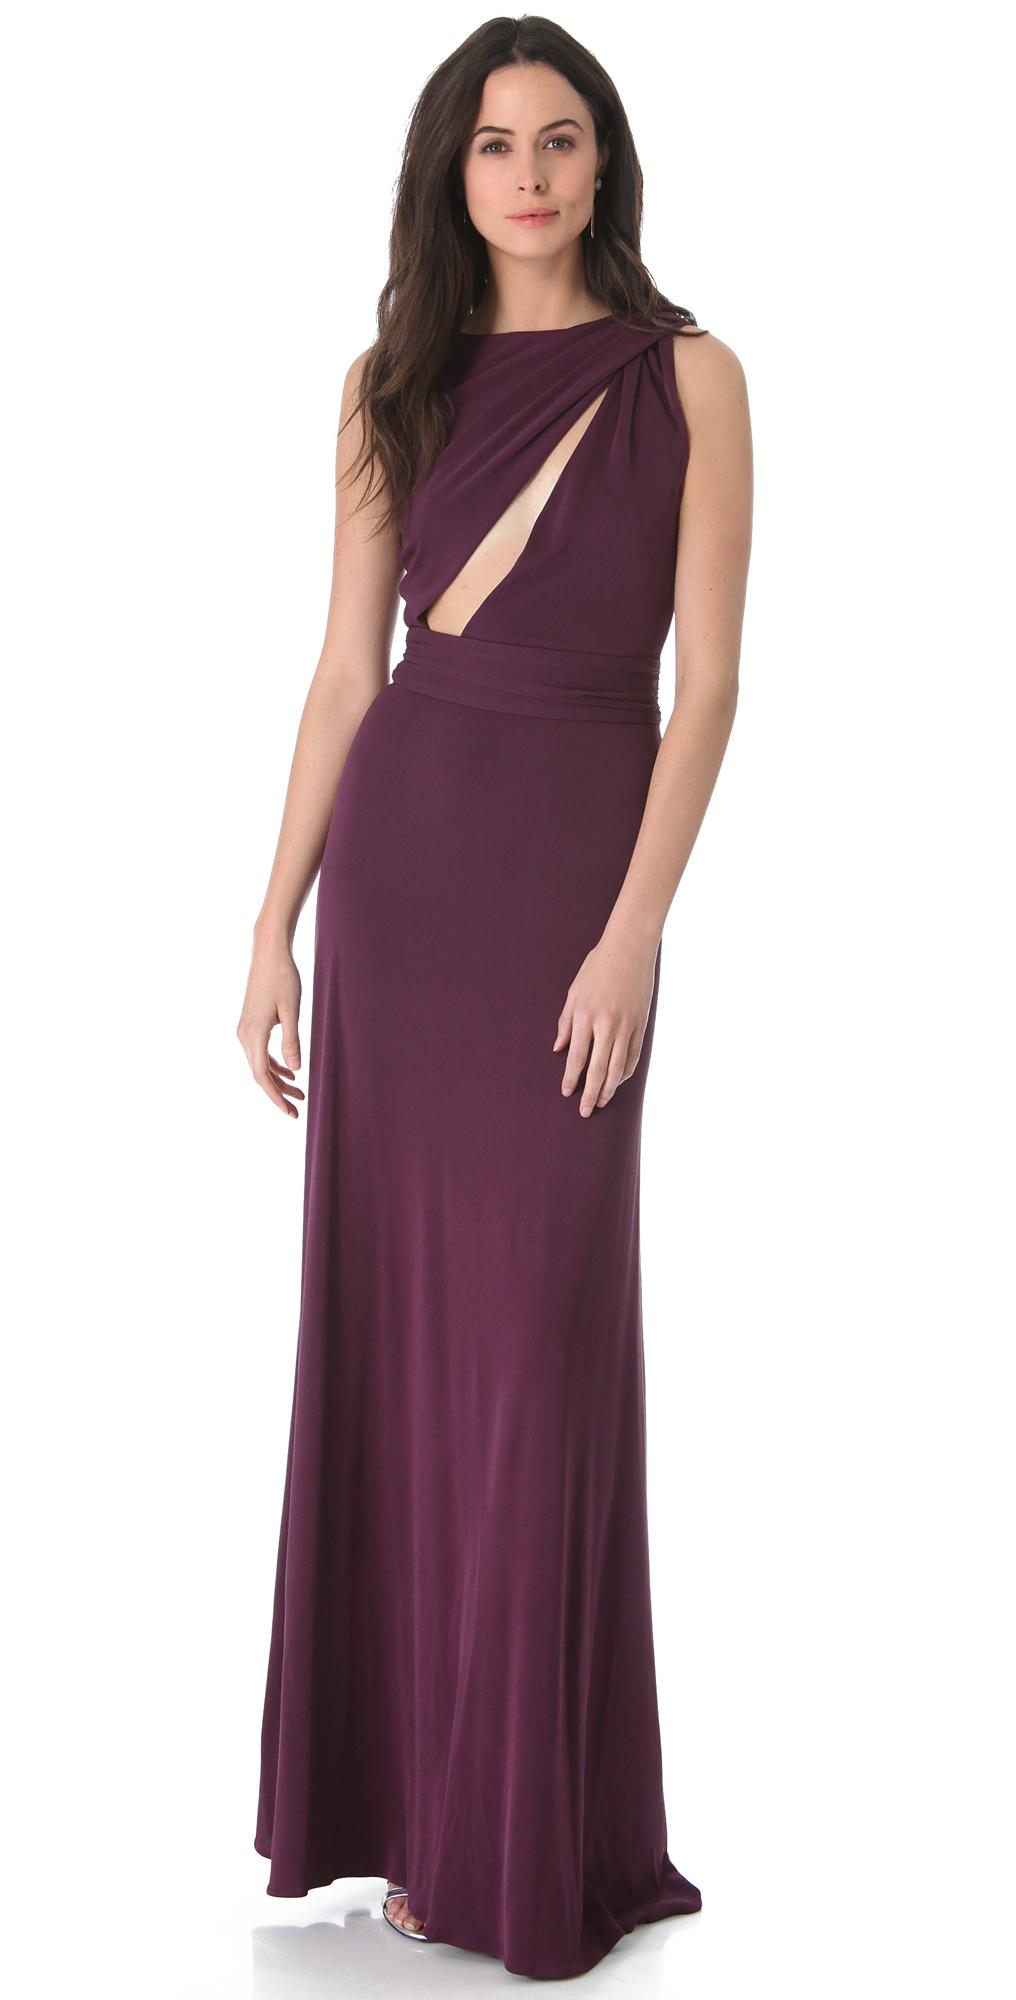 服装设计图裙子礼服类